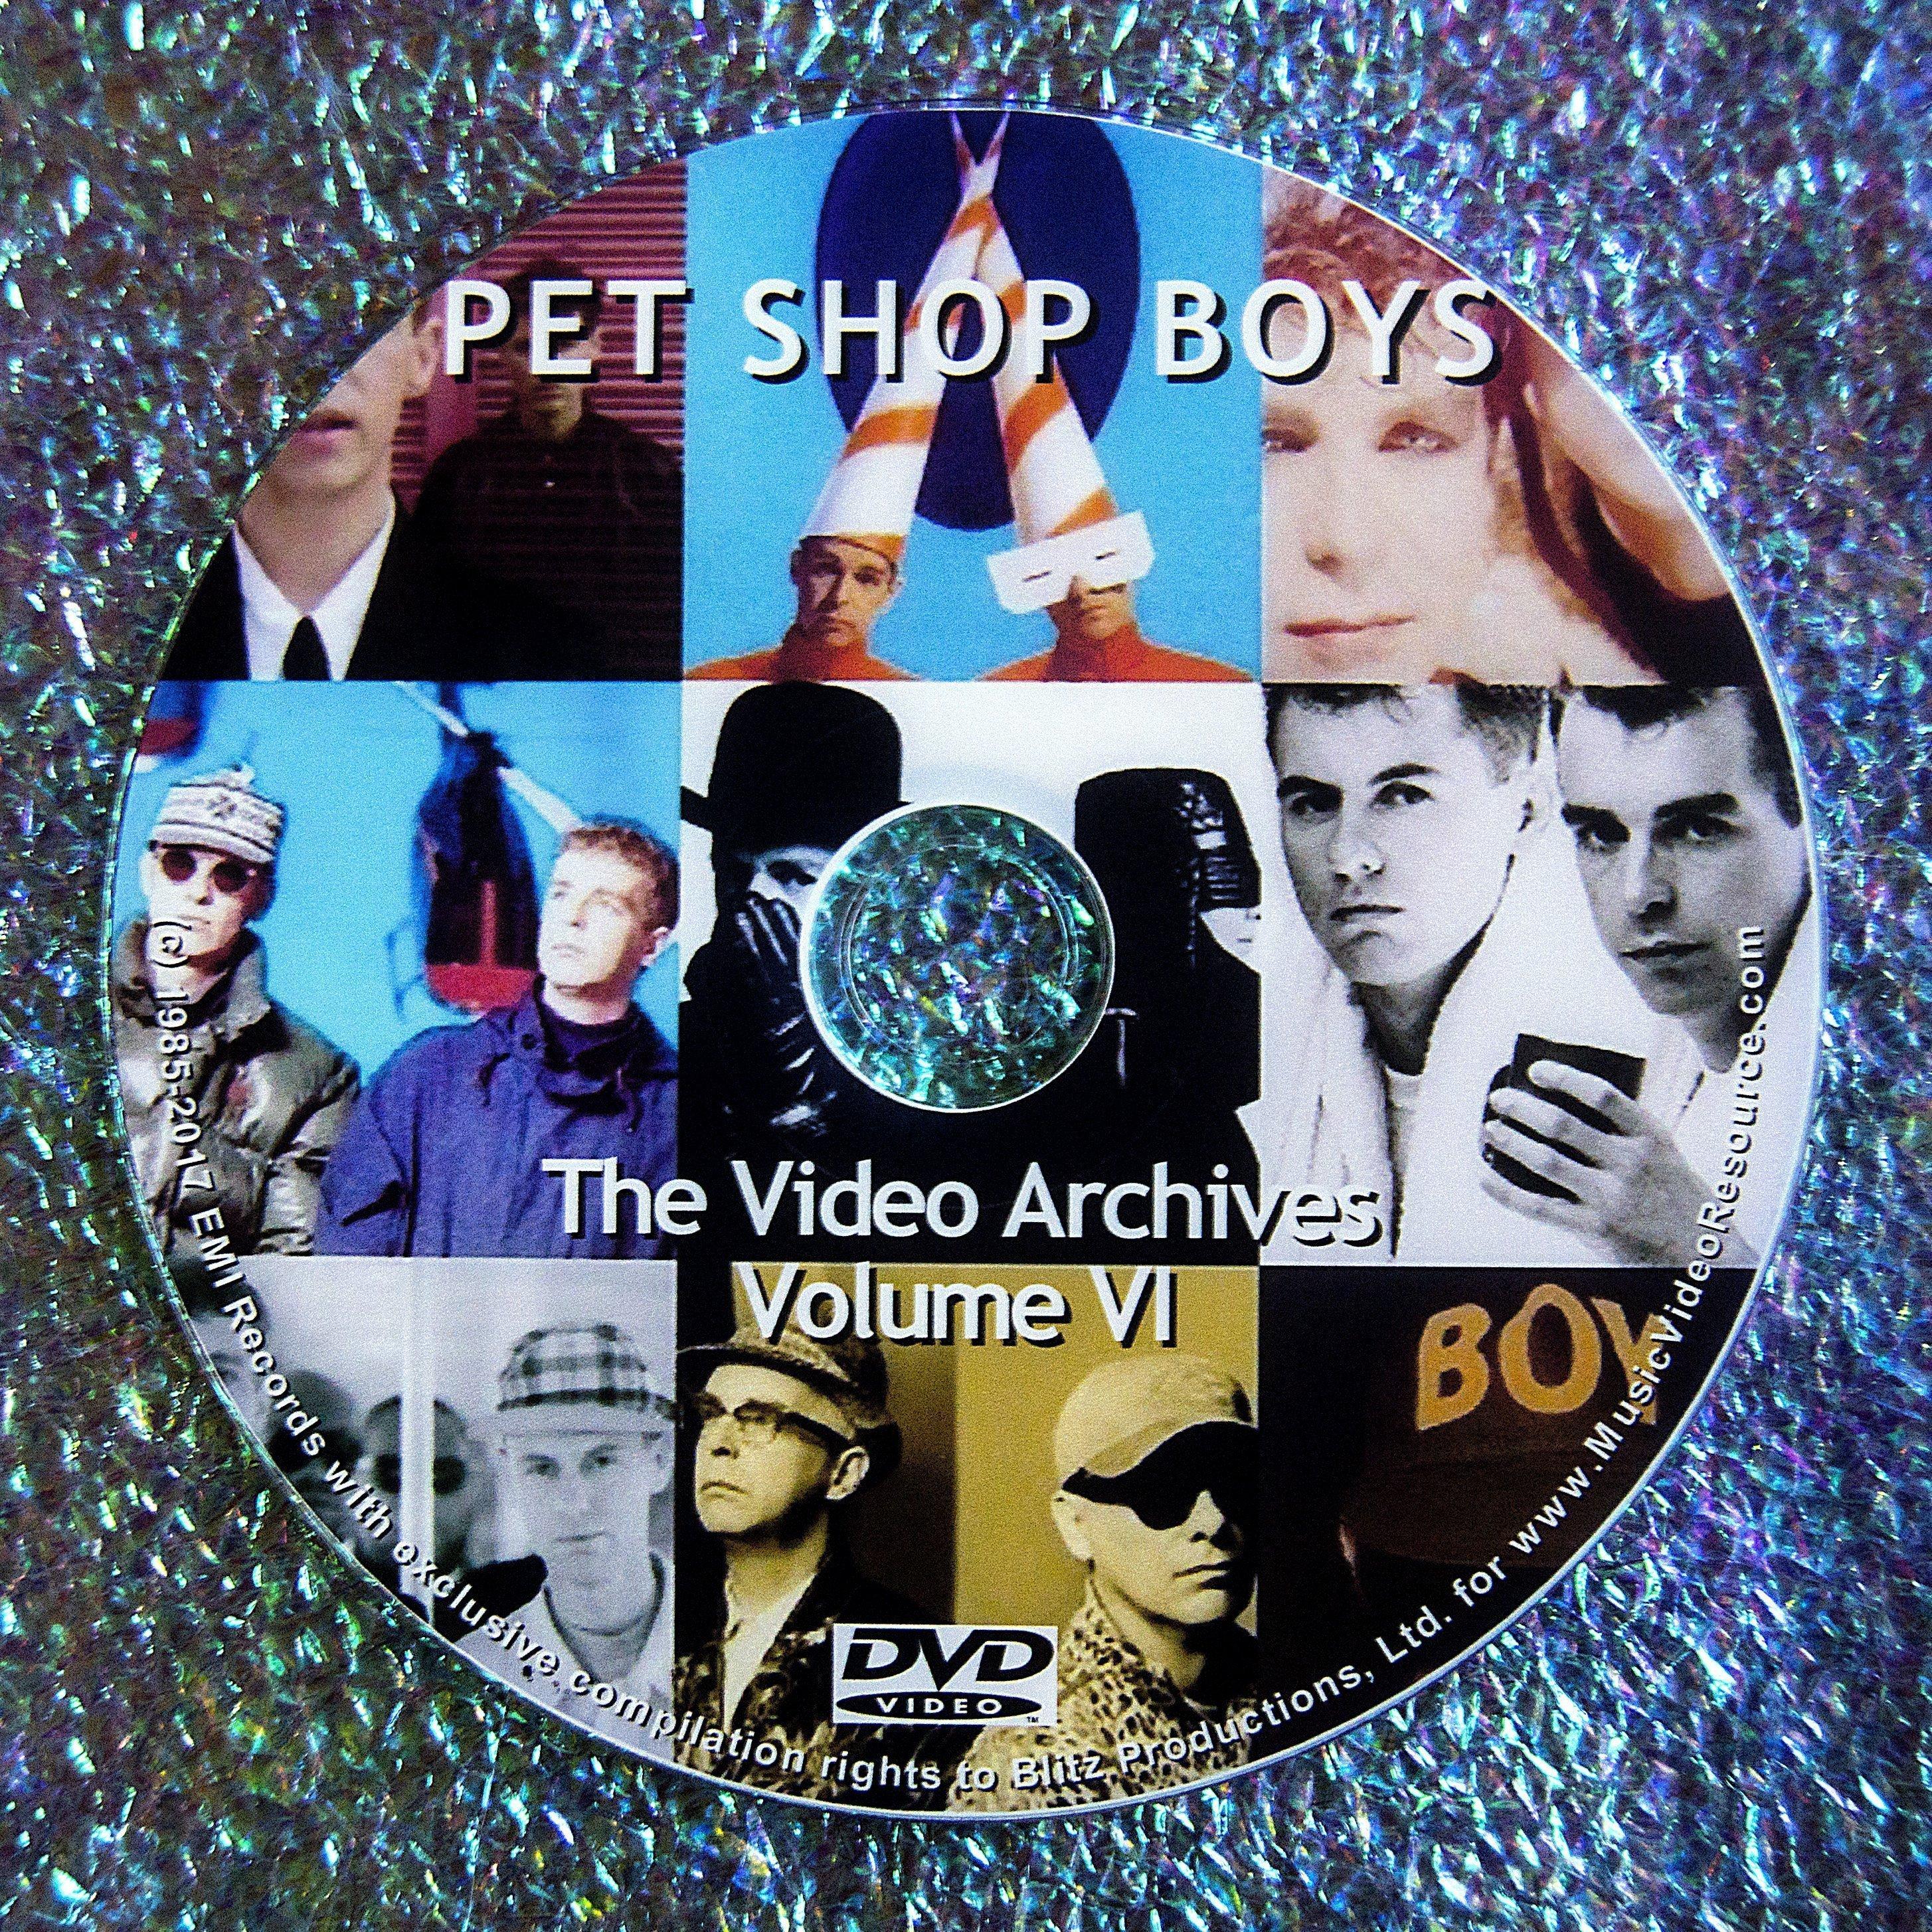 PET SHOP BOYS VIDEO ARCHIVES 2014-2016 VOLUME VI